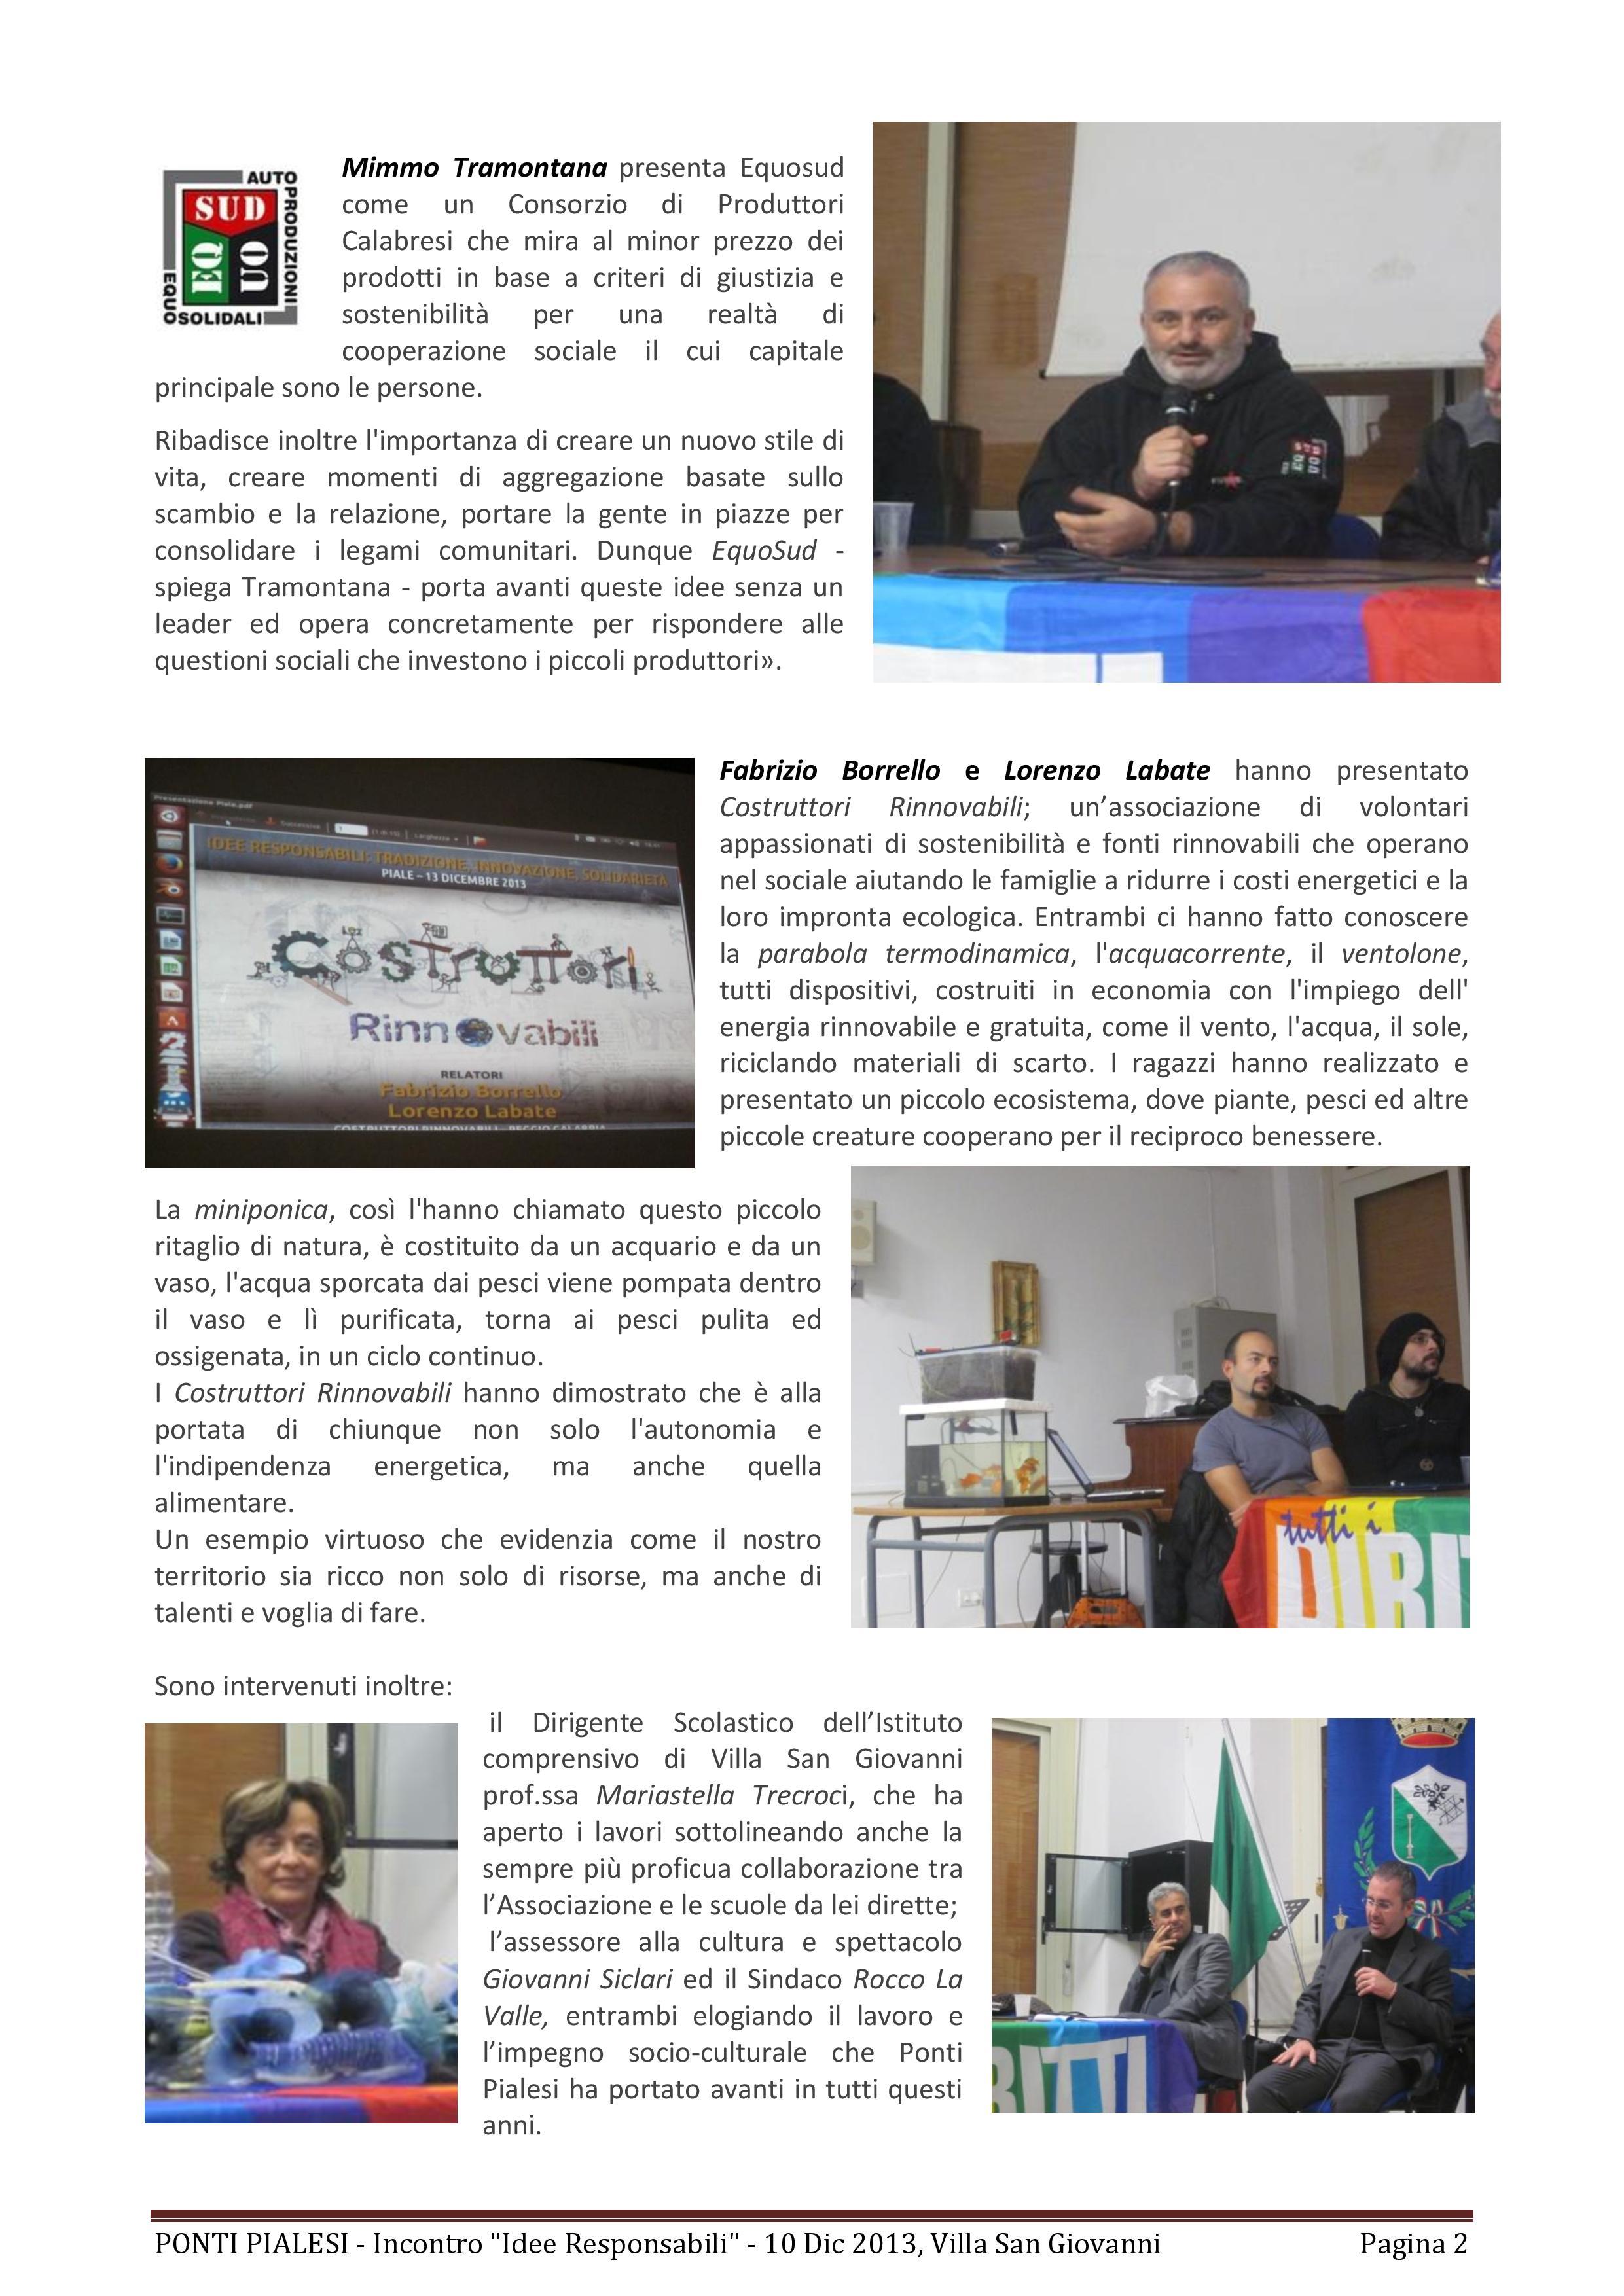 """PONTI PIALESI- Incontro """"IDEE RESPONSABILI: Tradizione, Innovazione, Solidarietà"""" - Villa San Giovanni 10 Dicembre 2013"""